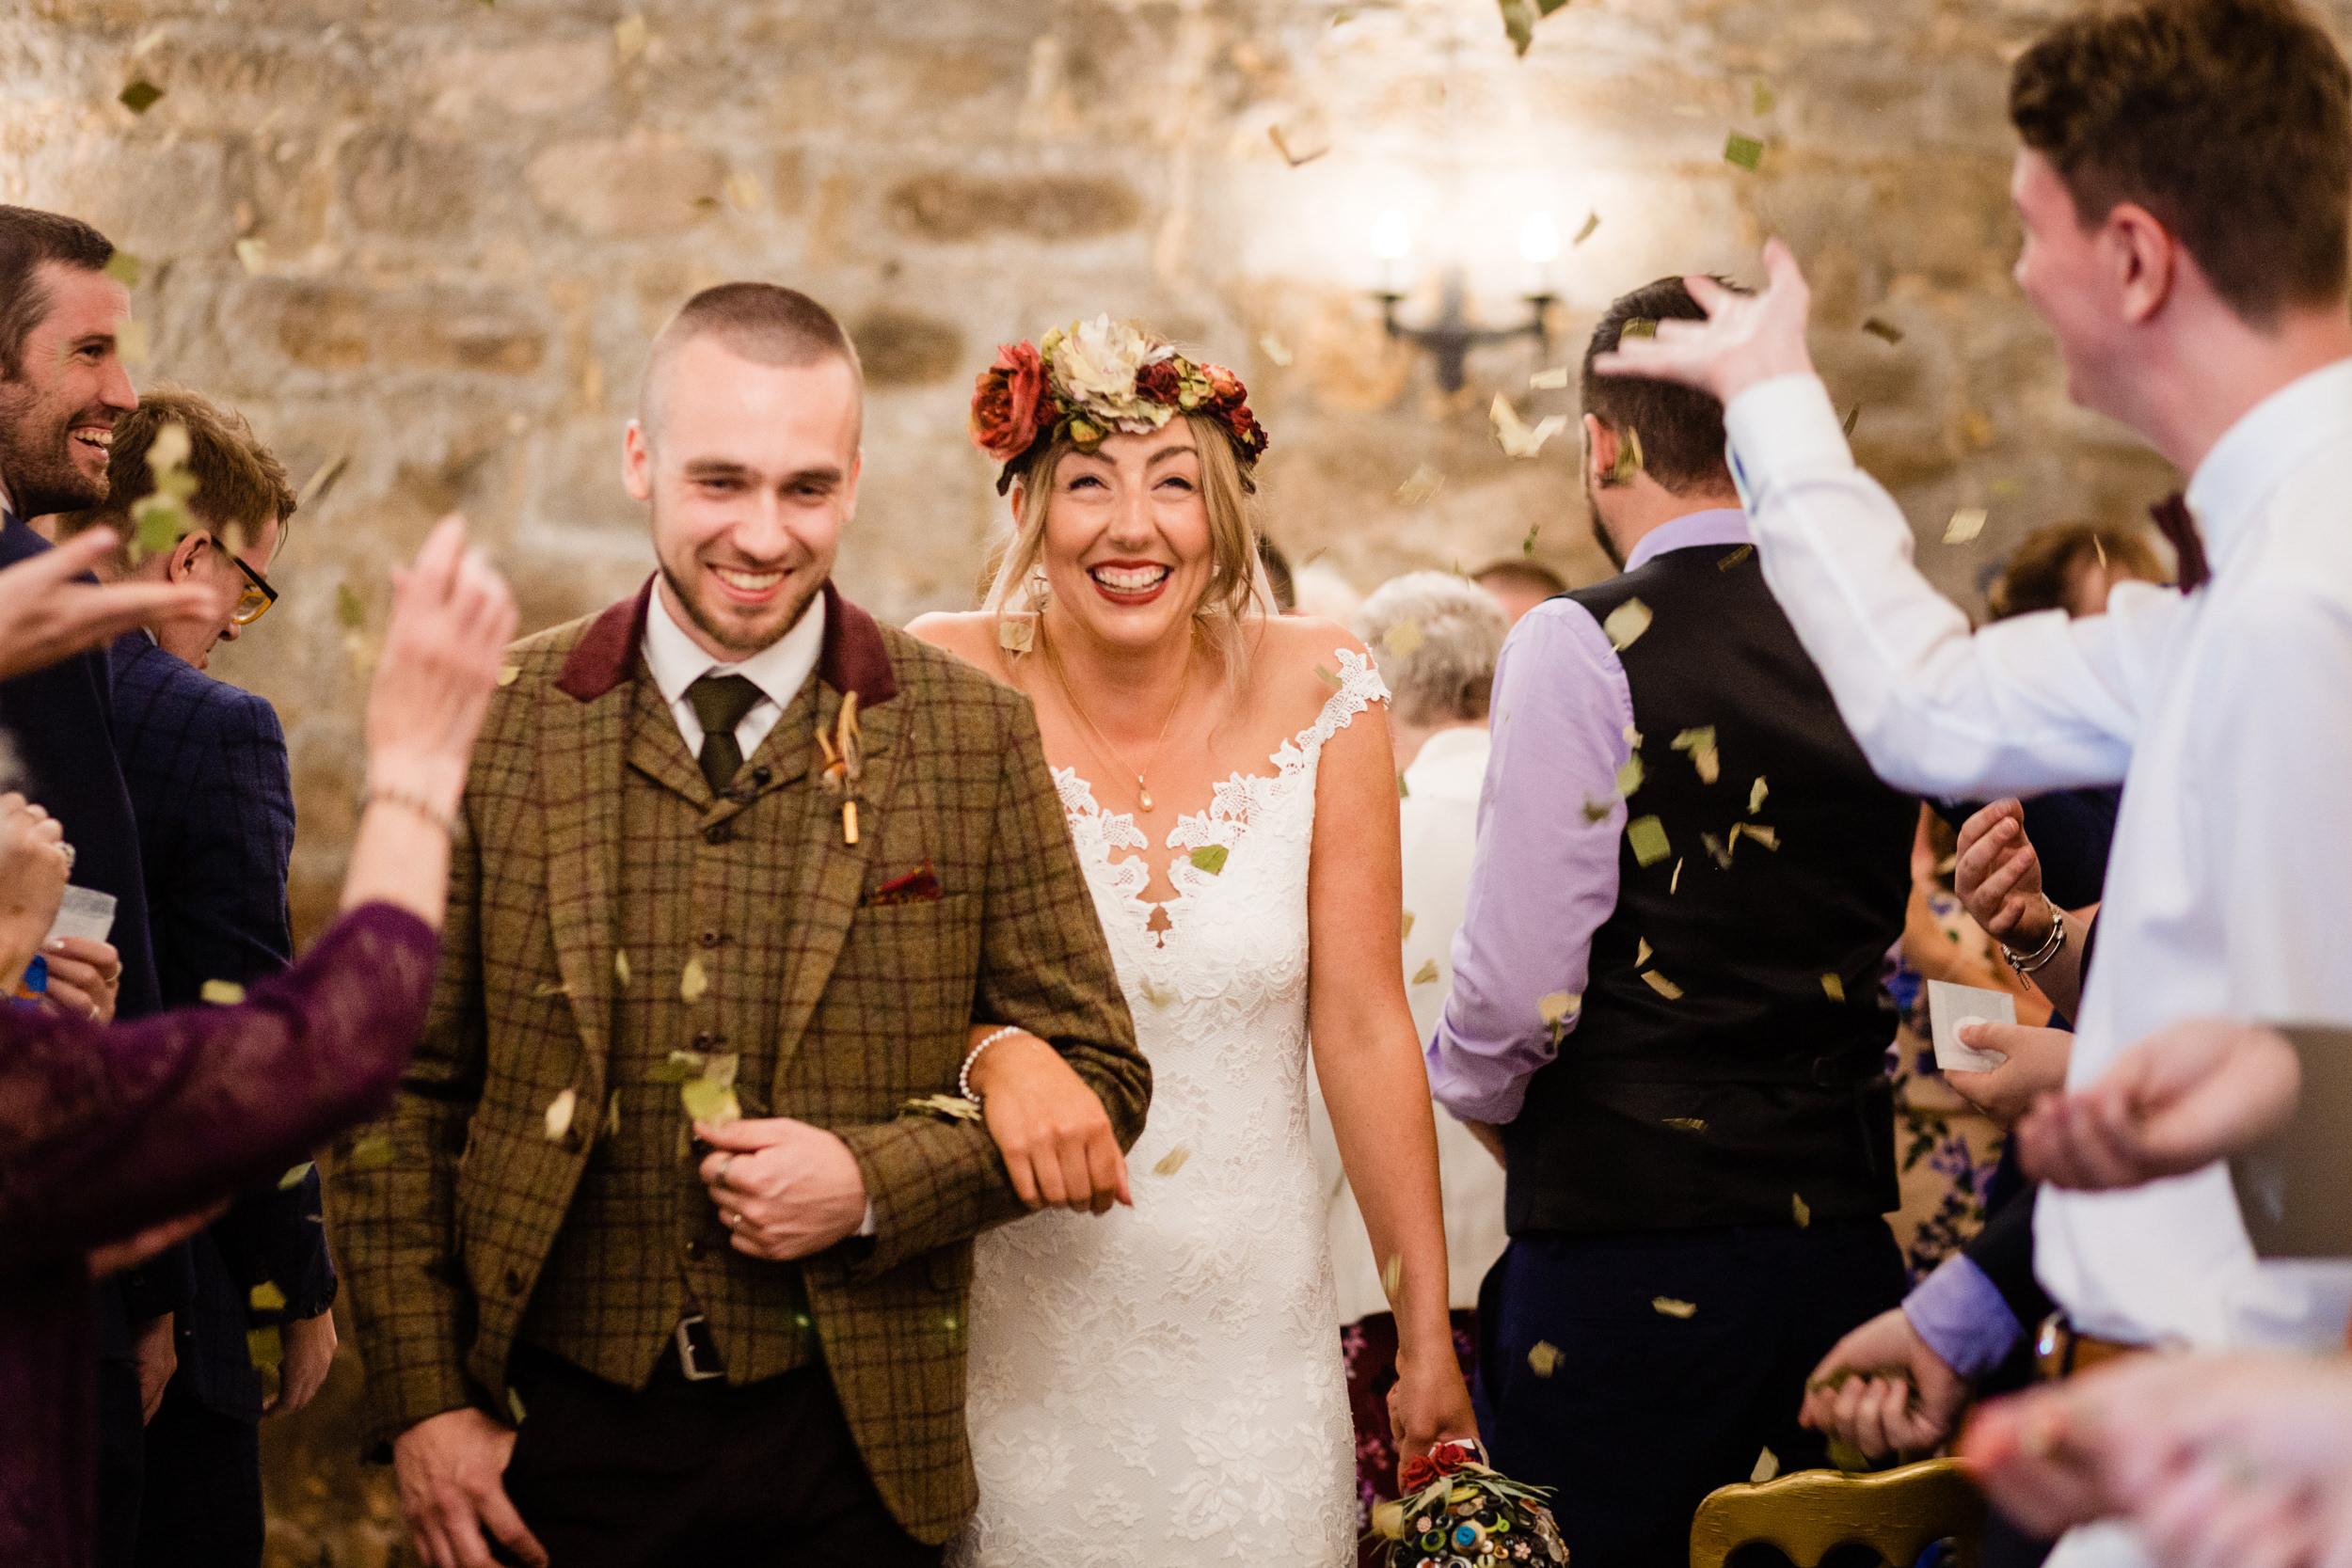 newlyweds walk through confetti. esk valley wedding photography by emma and rich.